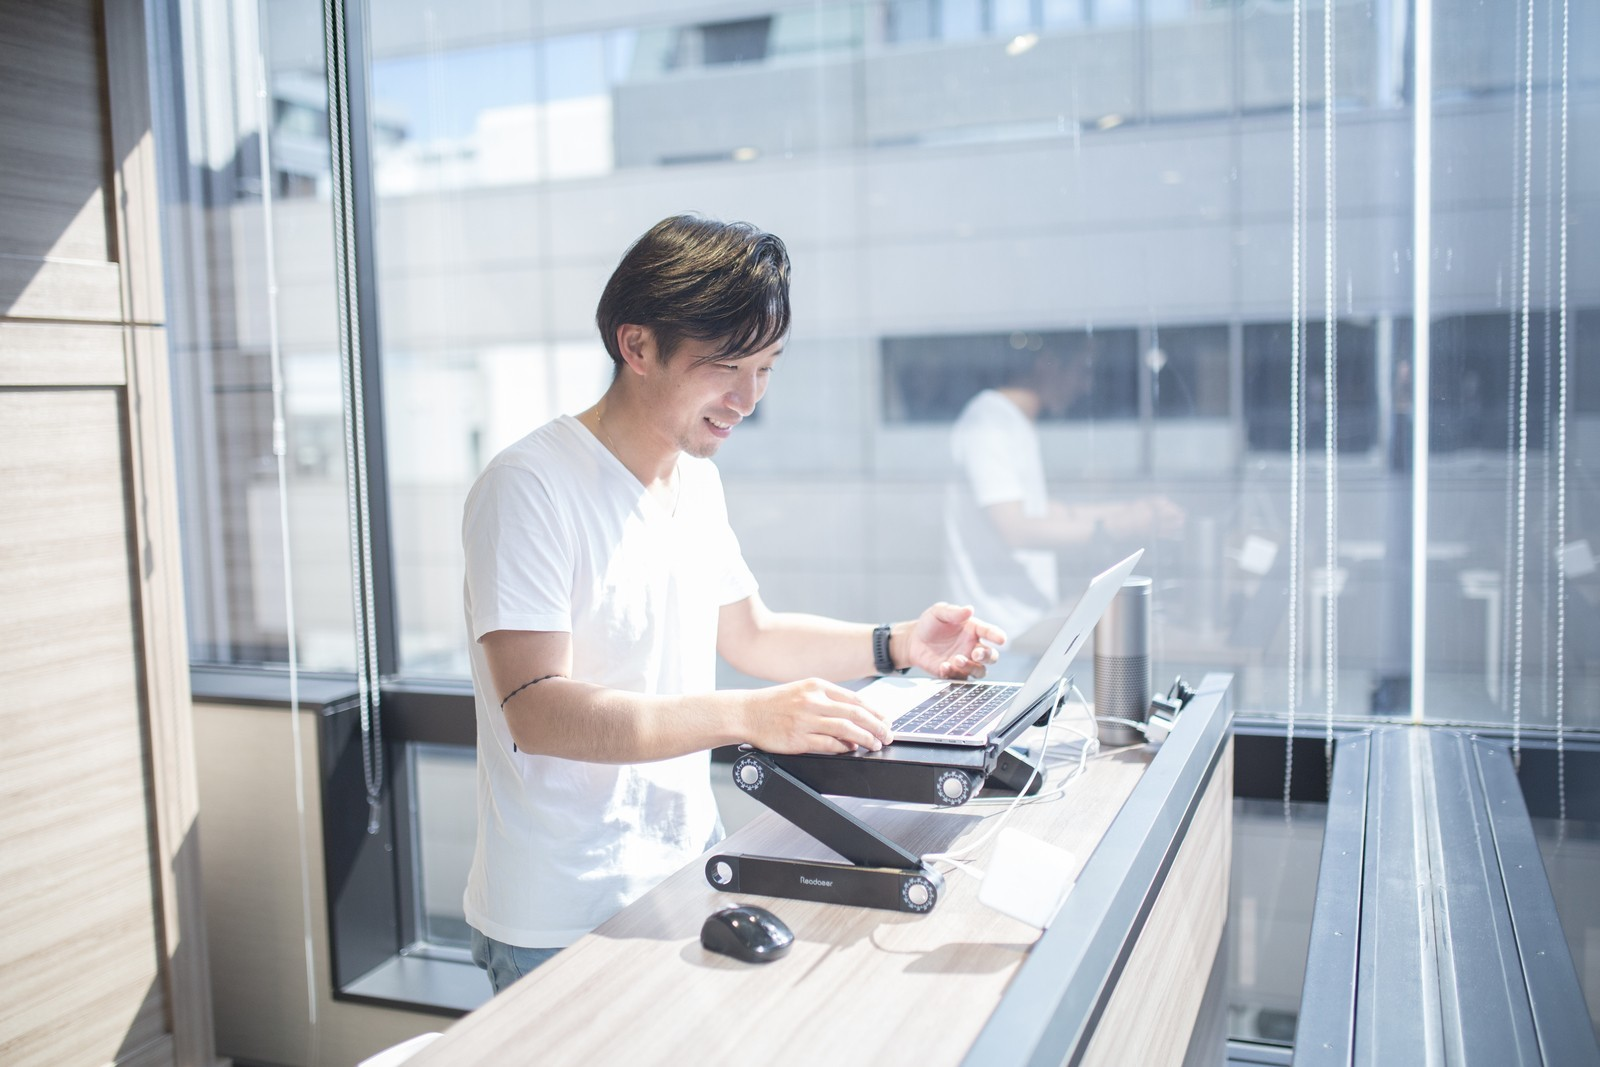 【完全自社・残業時間は5時間以下】プロダクトドリブンで新機能を開発中!SaaSコラボツール「Aipo」のテックリード候補募集